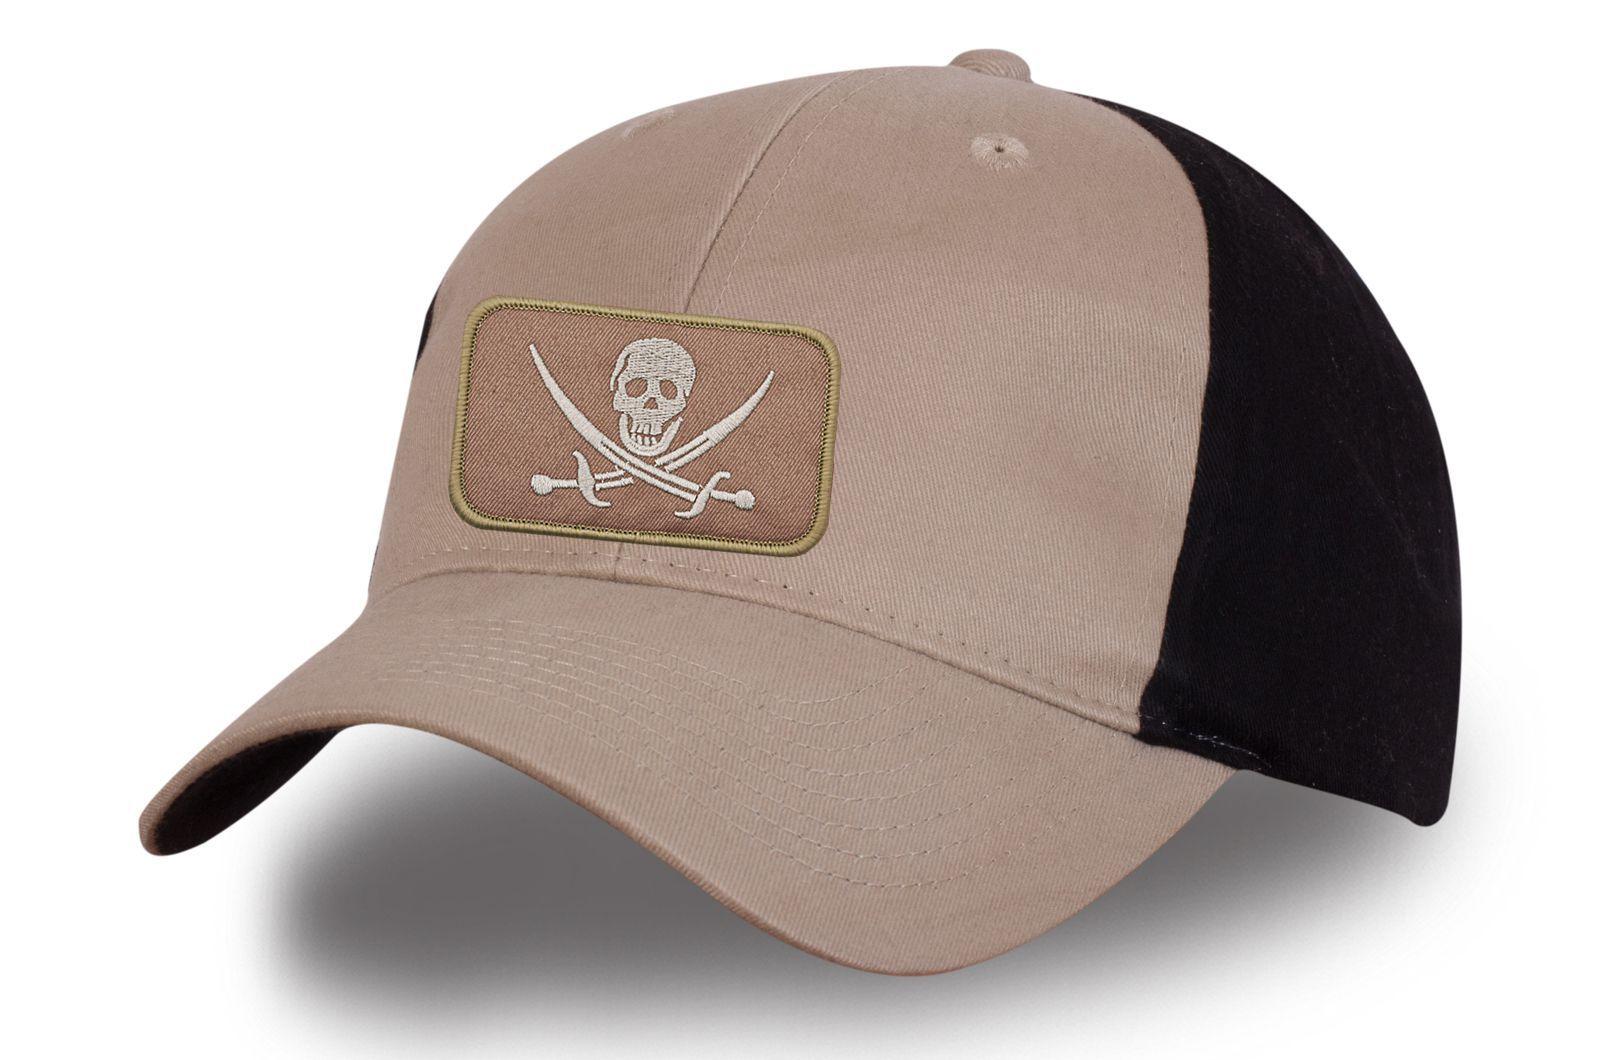 Кепка с пиратской нашивкой - купить по низкой цене